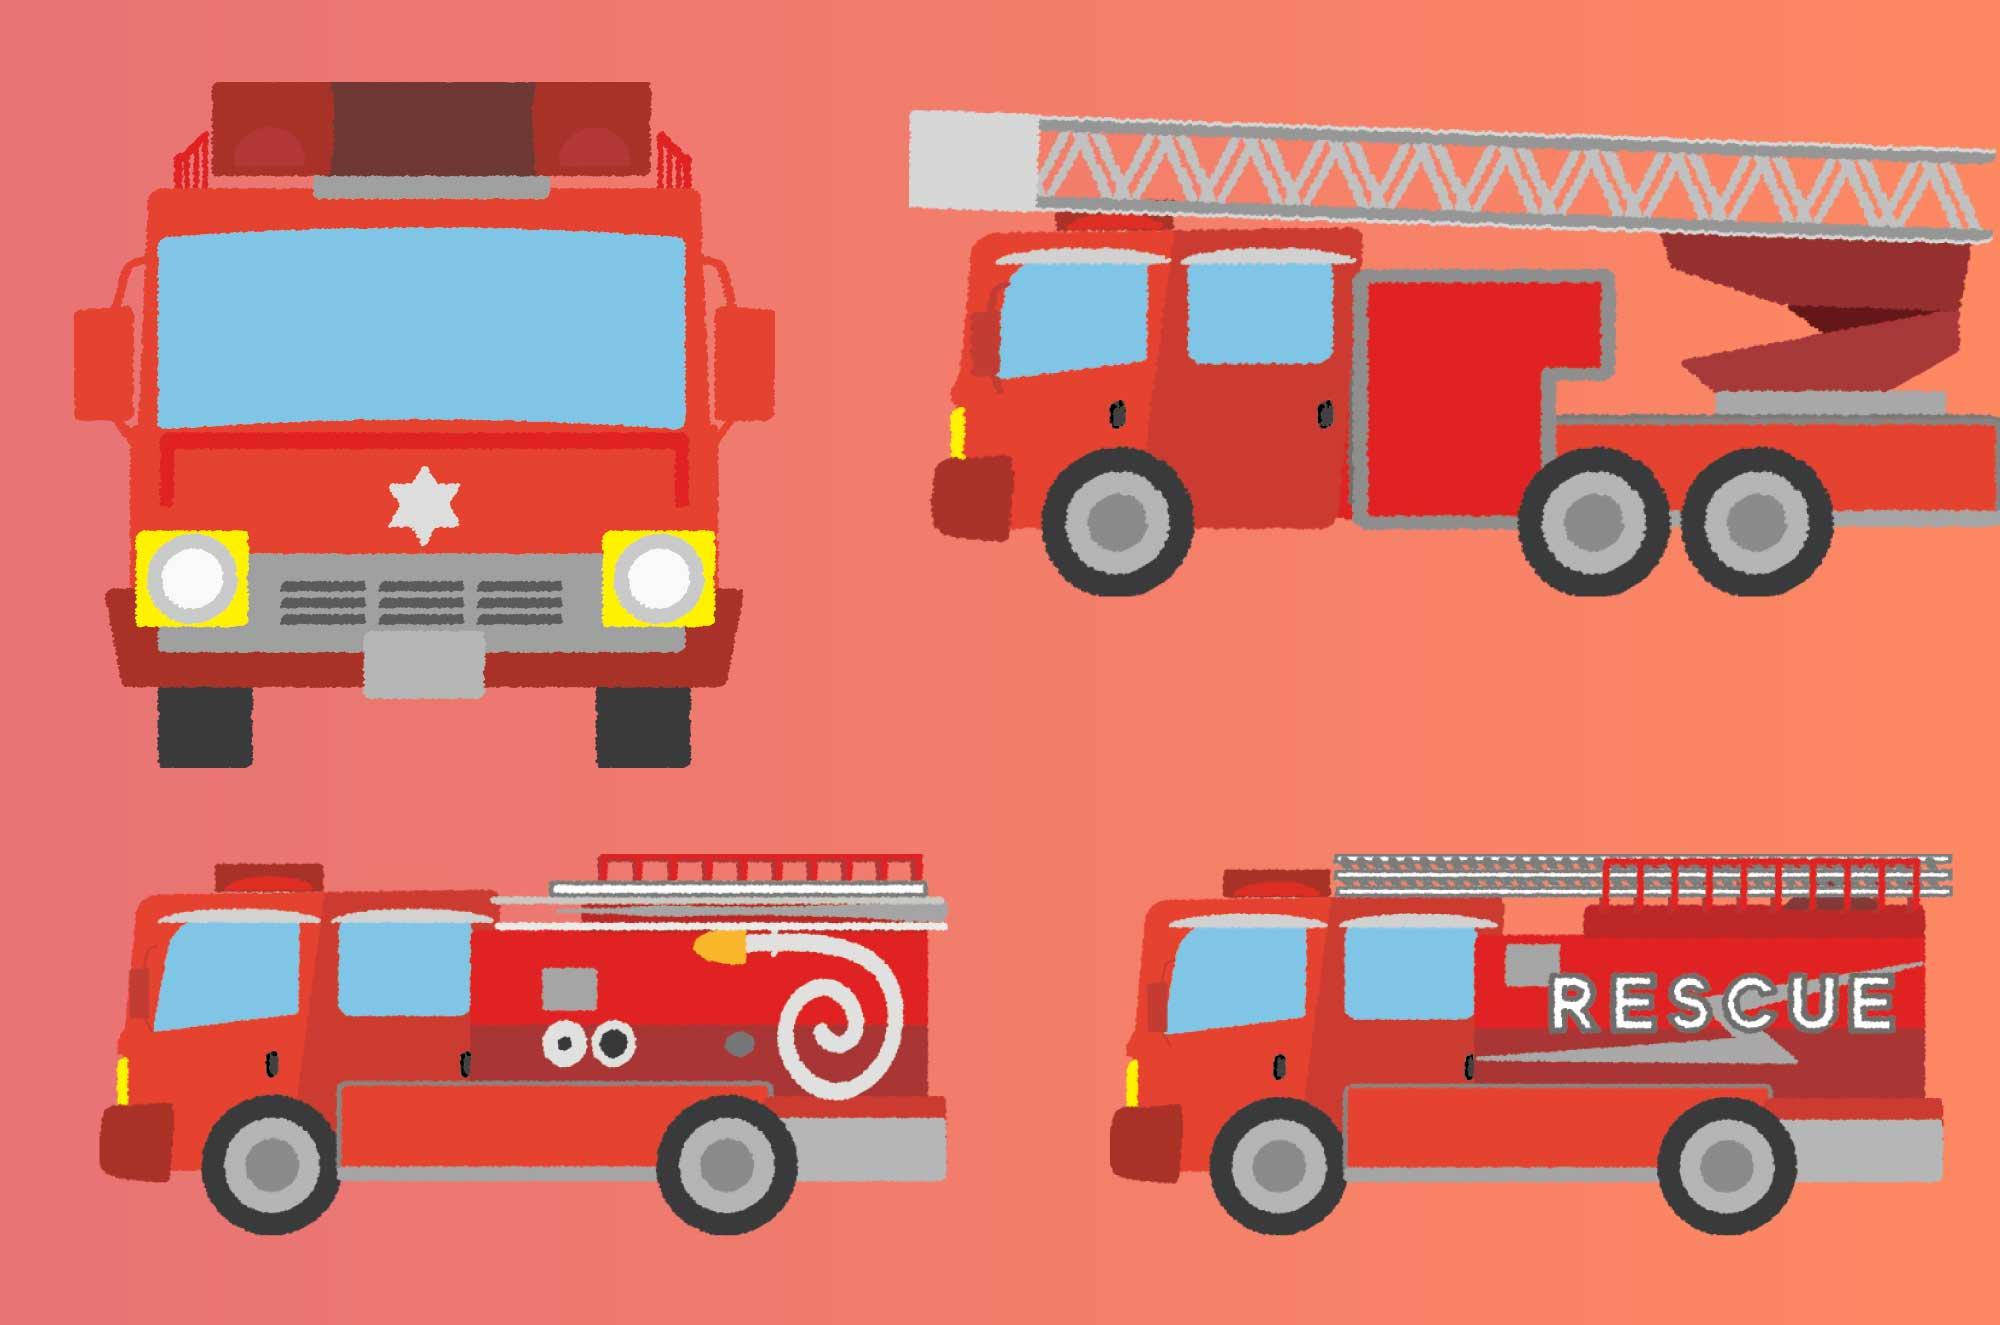 消防車のイラスト - レスキュー・ハシゴ車の無料素材